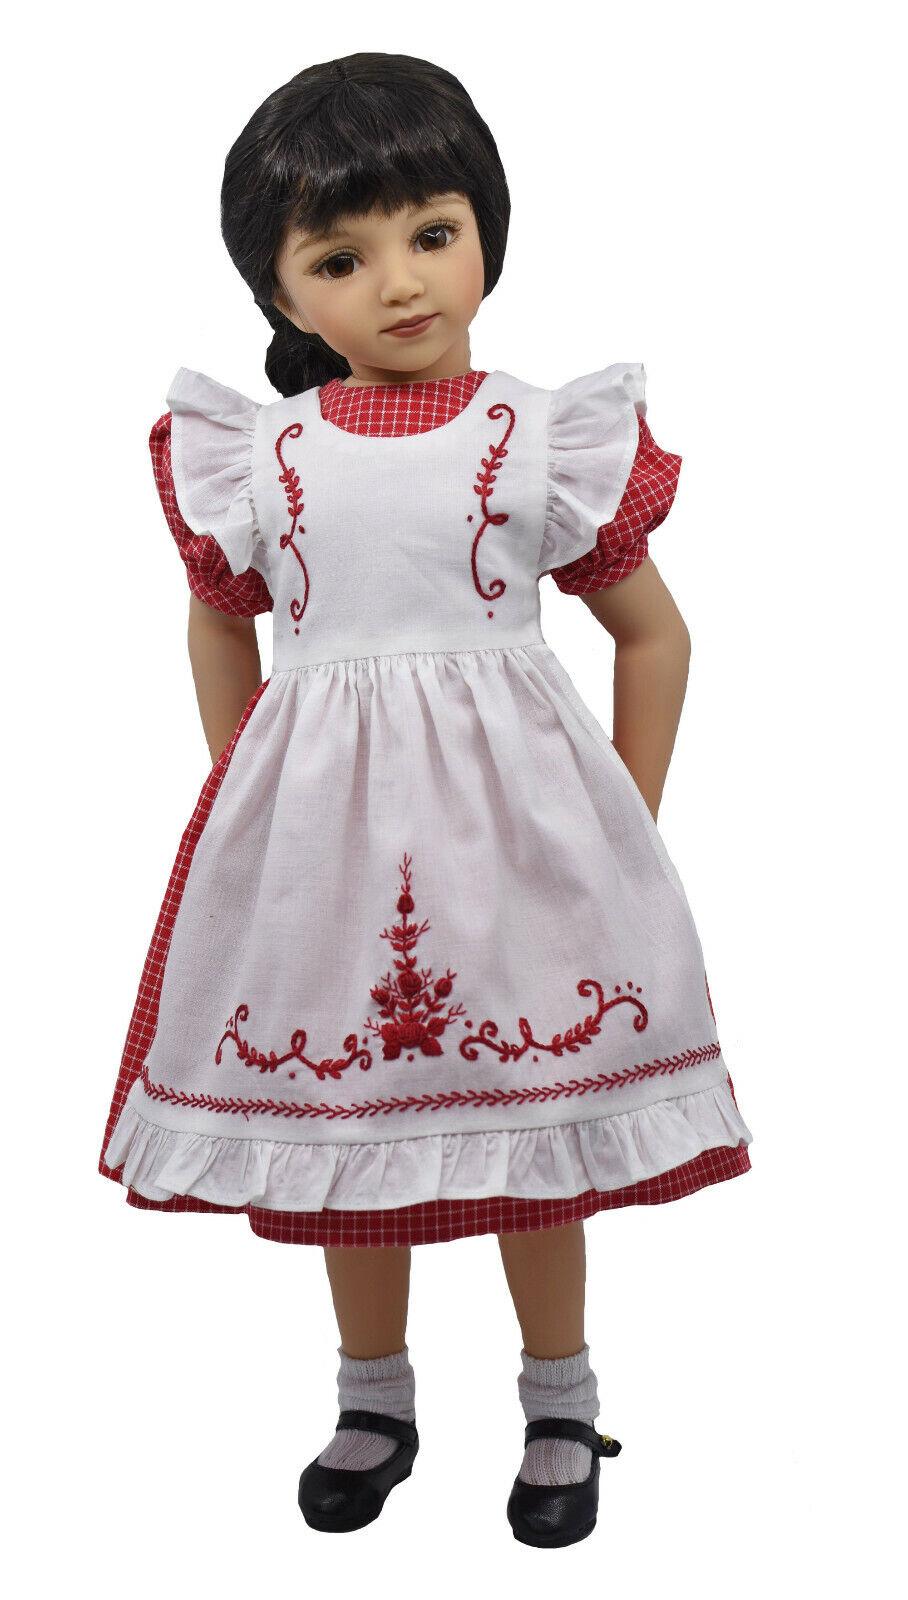 Boneka Kleid und Schürze  Dress and pinafore for 49 cm   20  Maru dolls